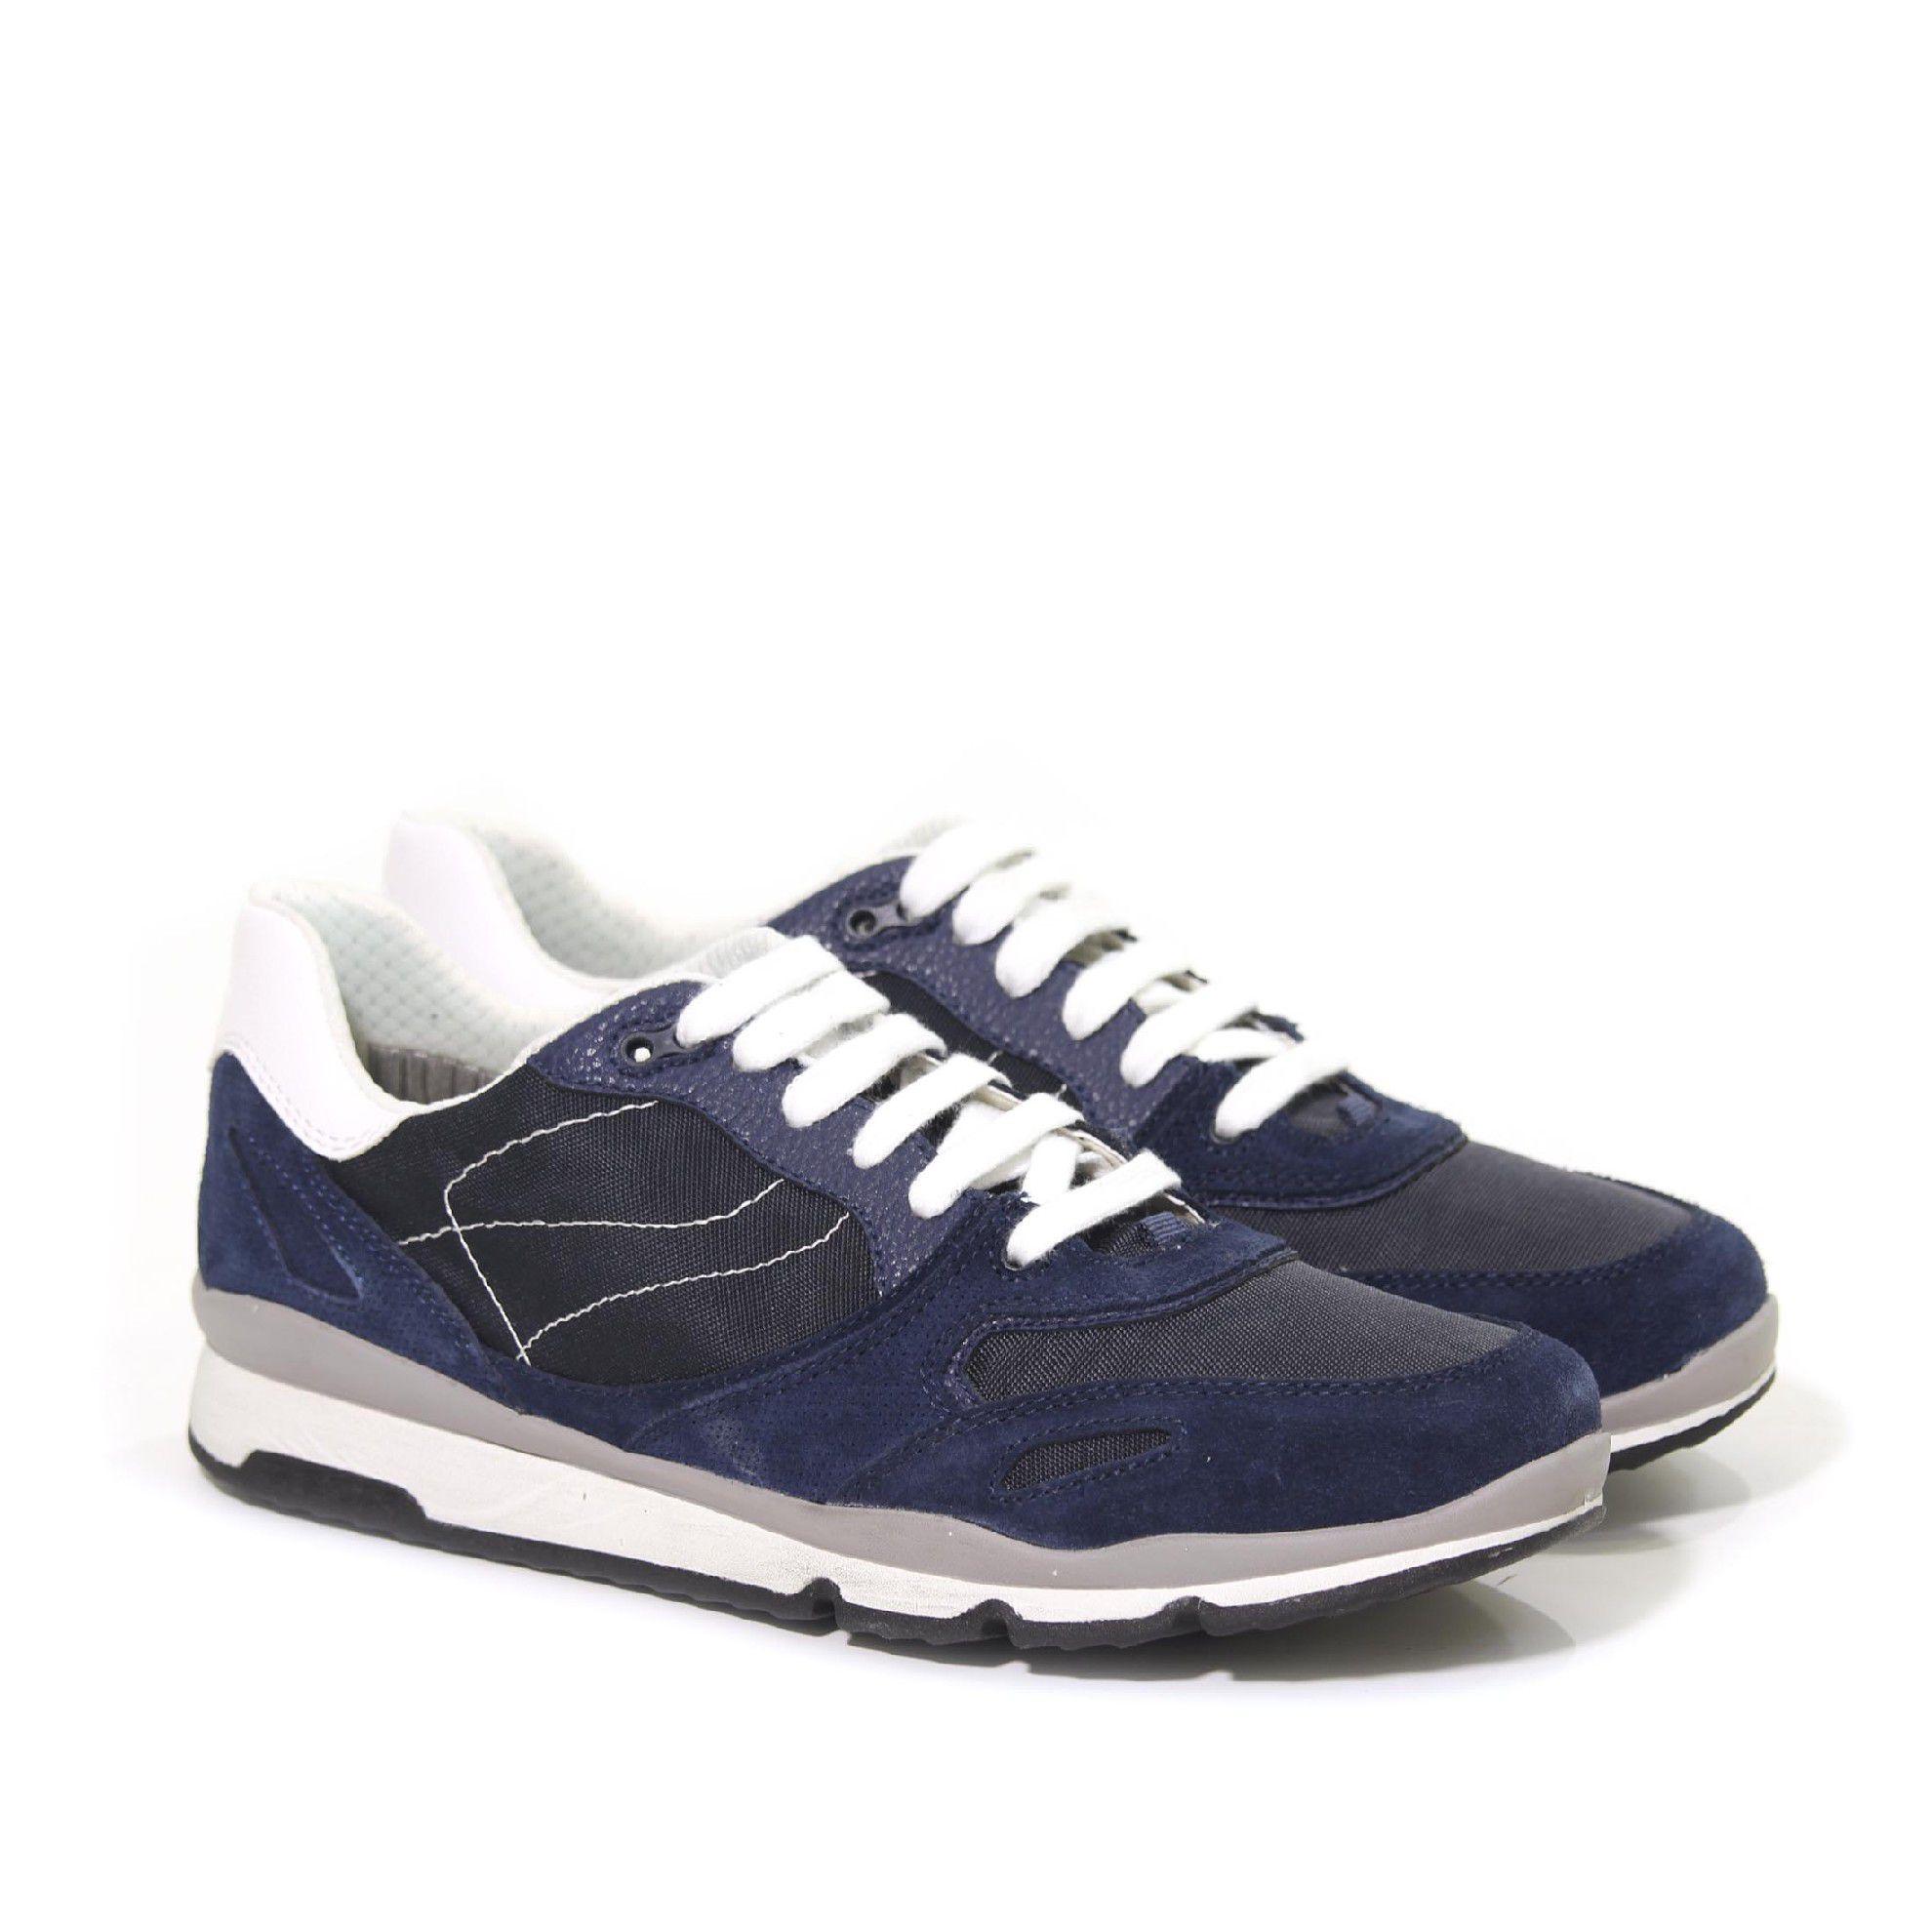 Geox sneaker sandford a in suede e tessuto tecnico da uomo